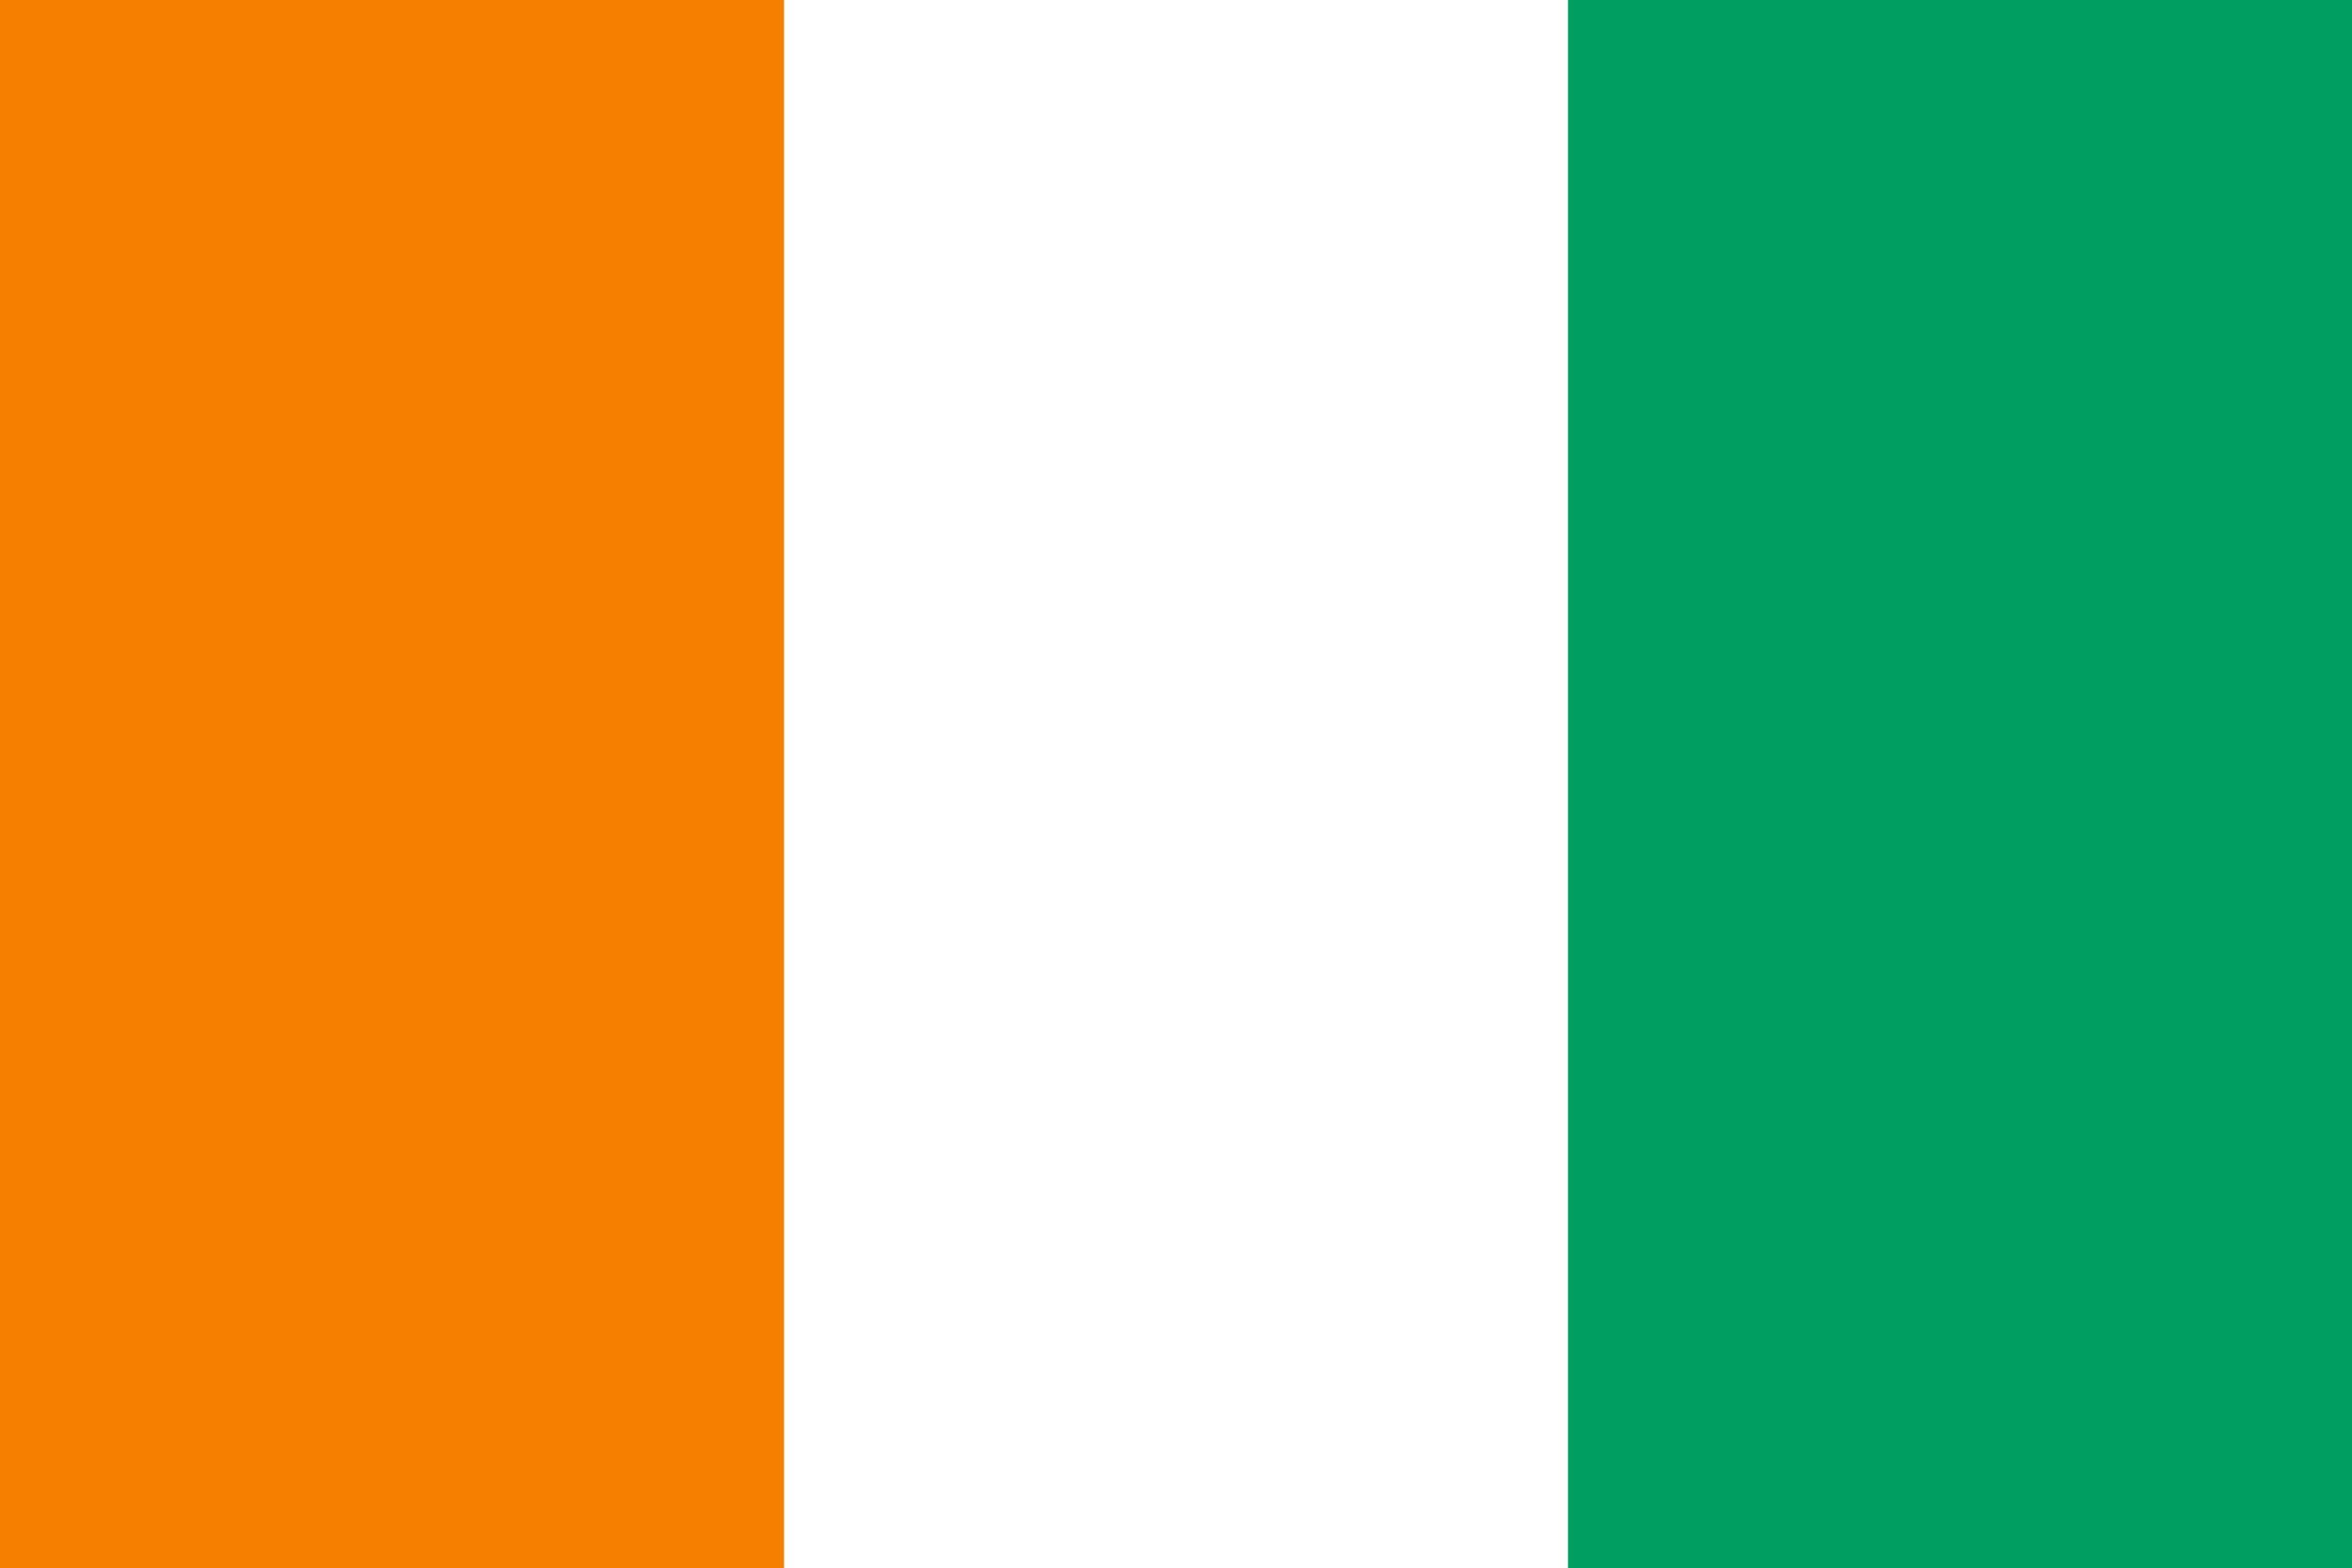 Una más difícil, ¿de qué país es esta bandera?